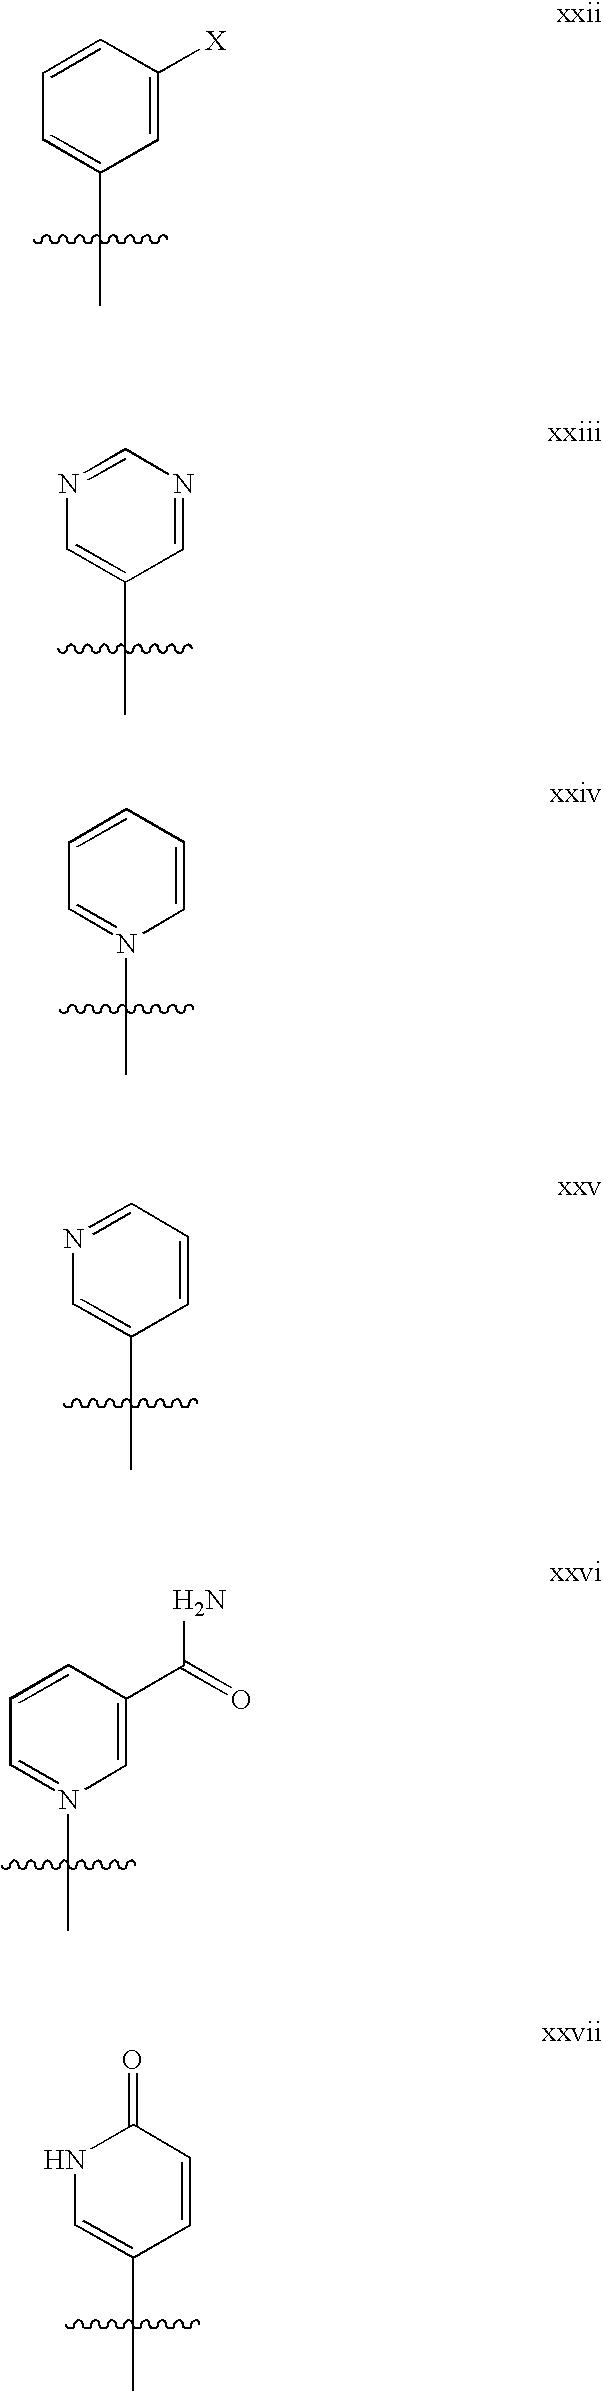 Figure US20070014833A1-20070118-C00061